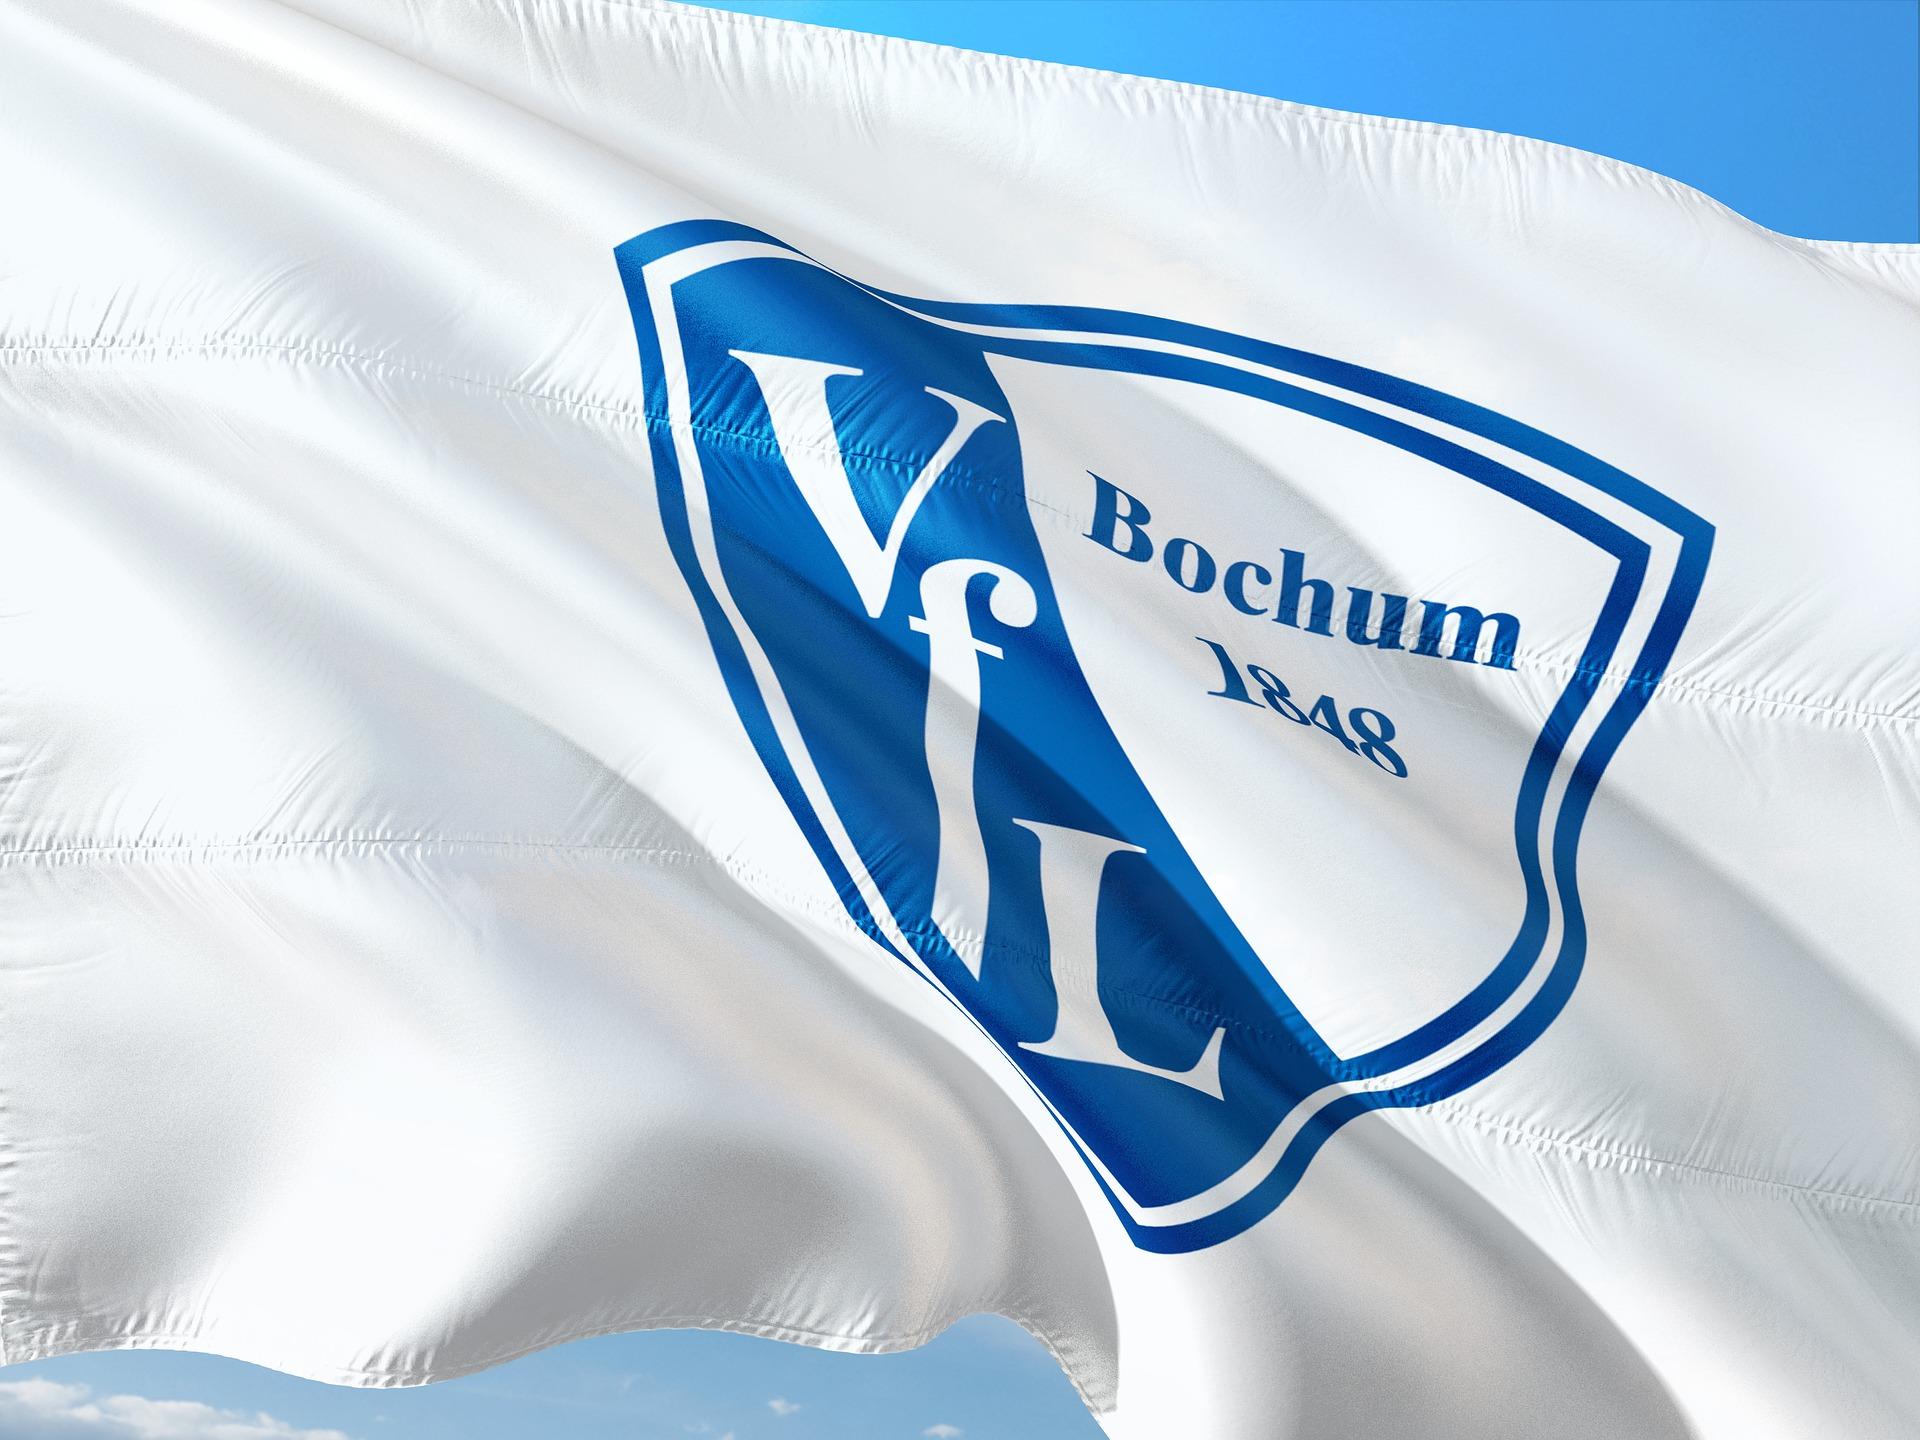 Bochum se prepara para traer de vuelta al polémico delantero Polter a la Bundesliga